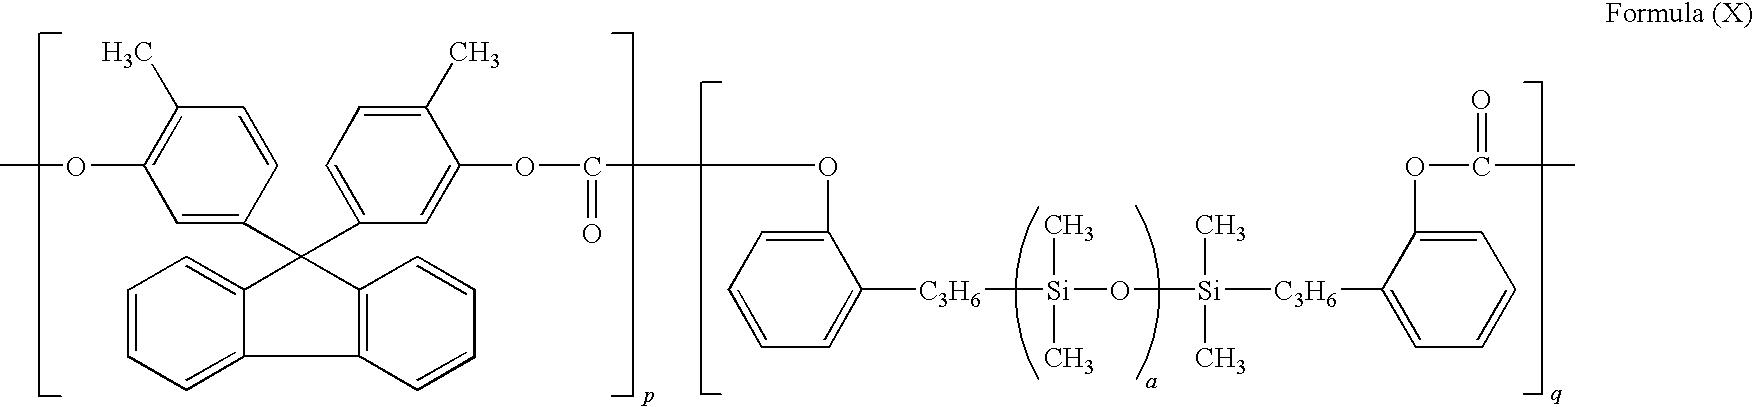 Figure US07943278-20110517-C00076